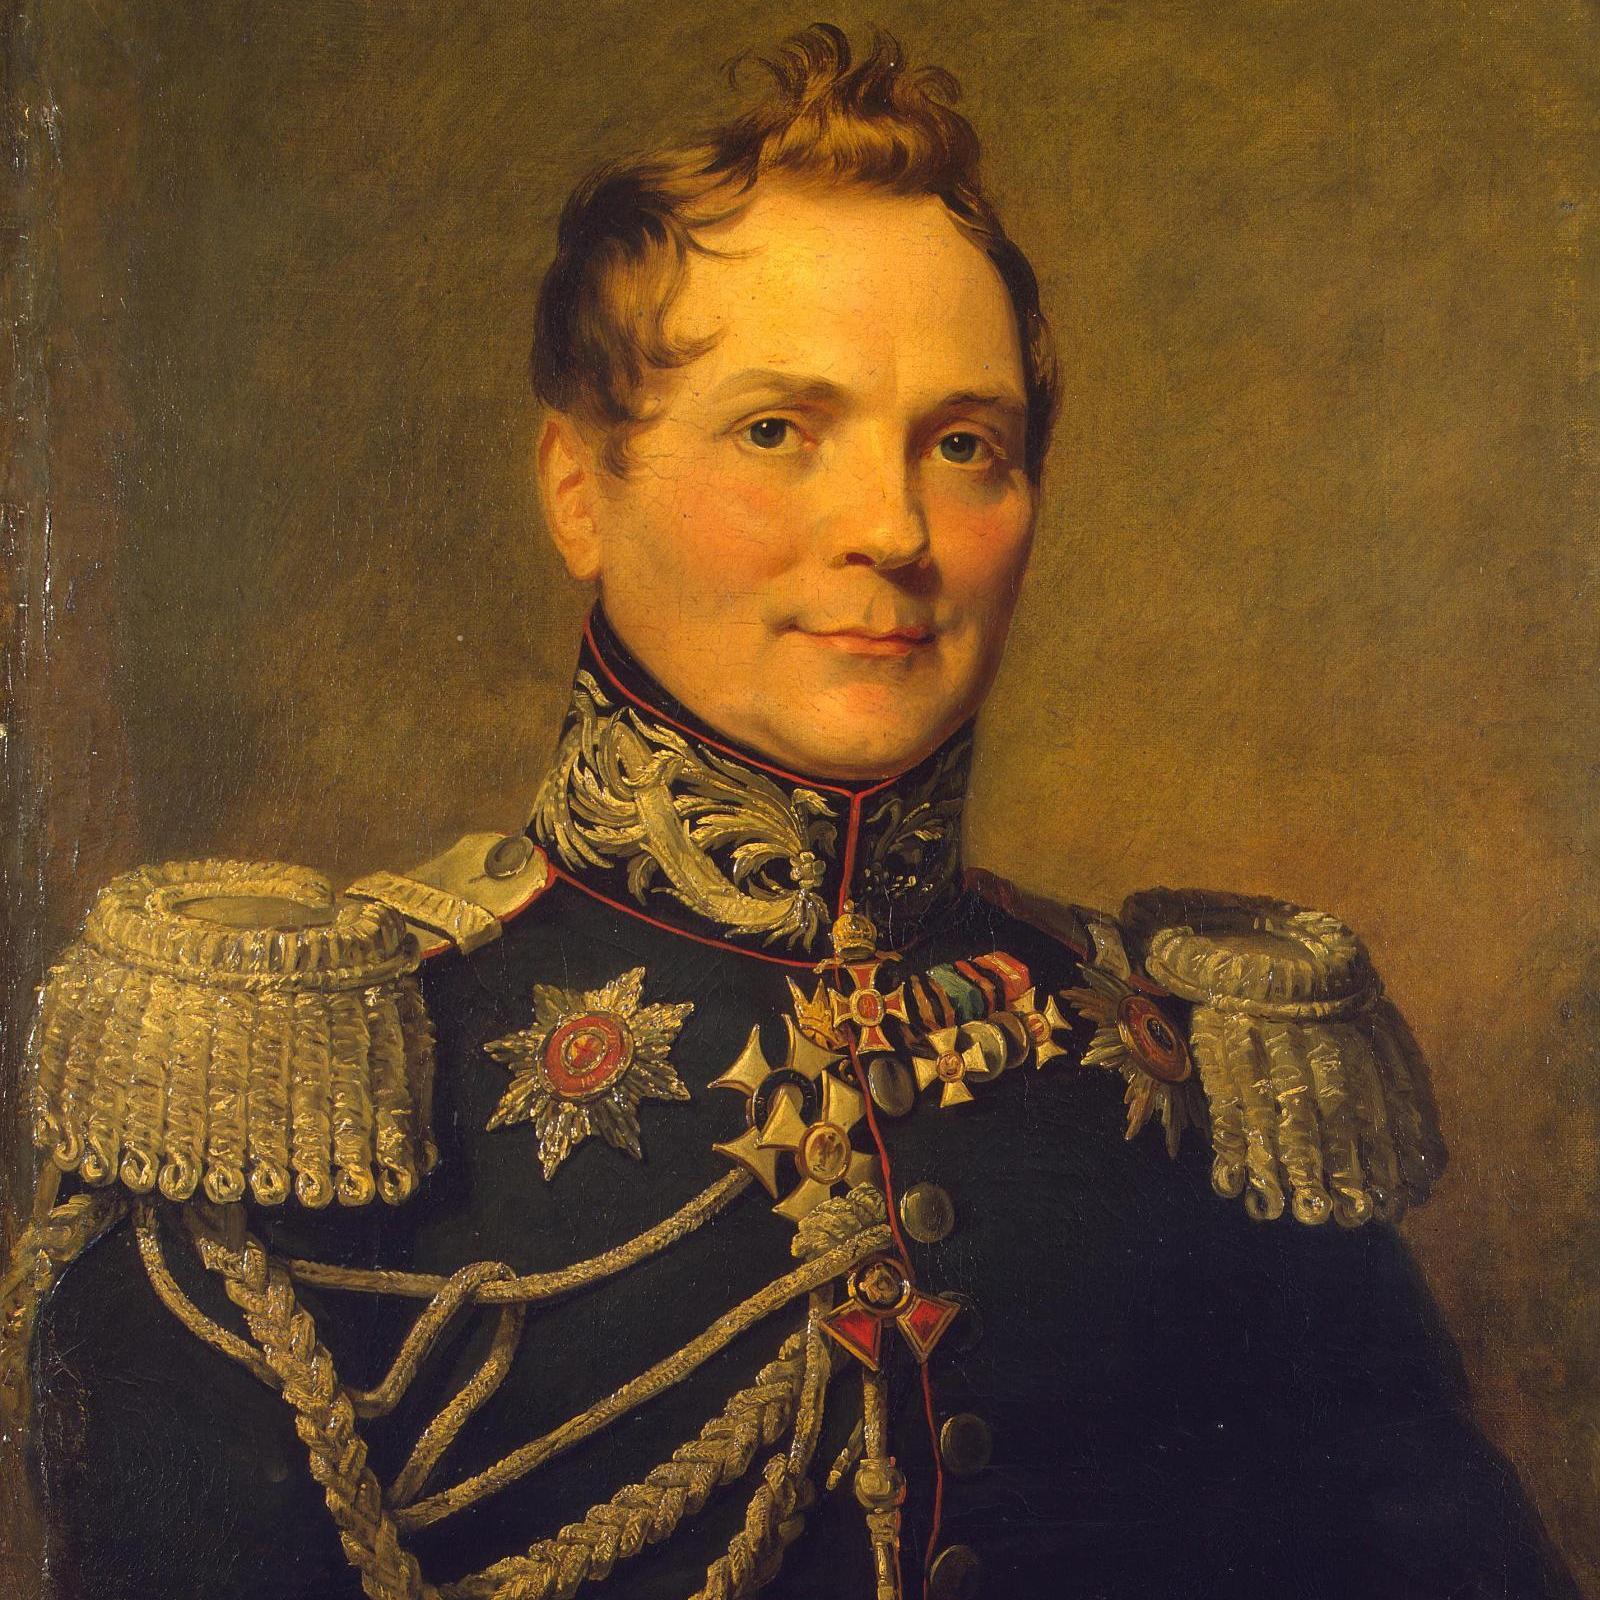 Oddział 1500 powstańców zorganizował zasadzkę na część żołnierzy generała Tolla (na portrecie), która przerodziła się w walkę z całym jego oddziałem.